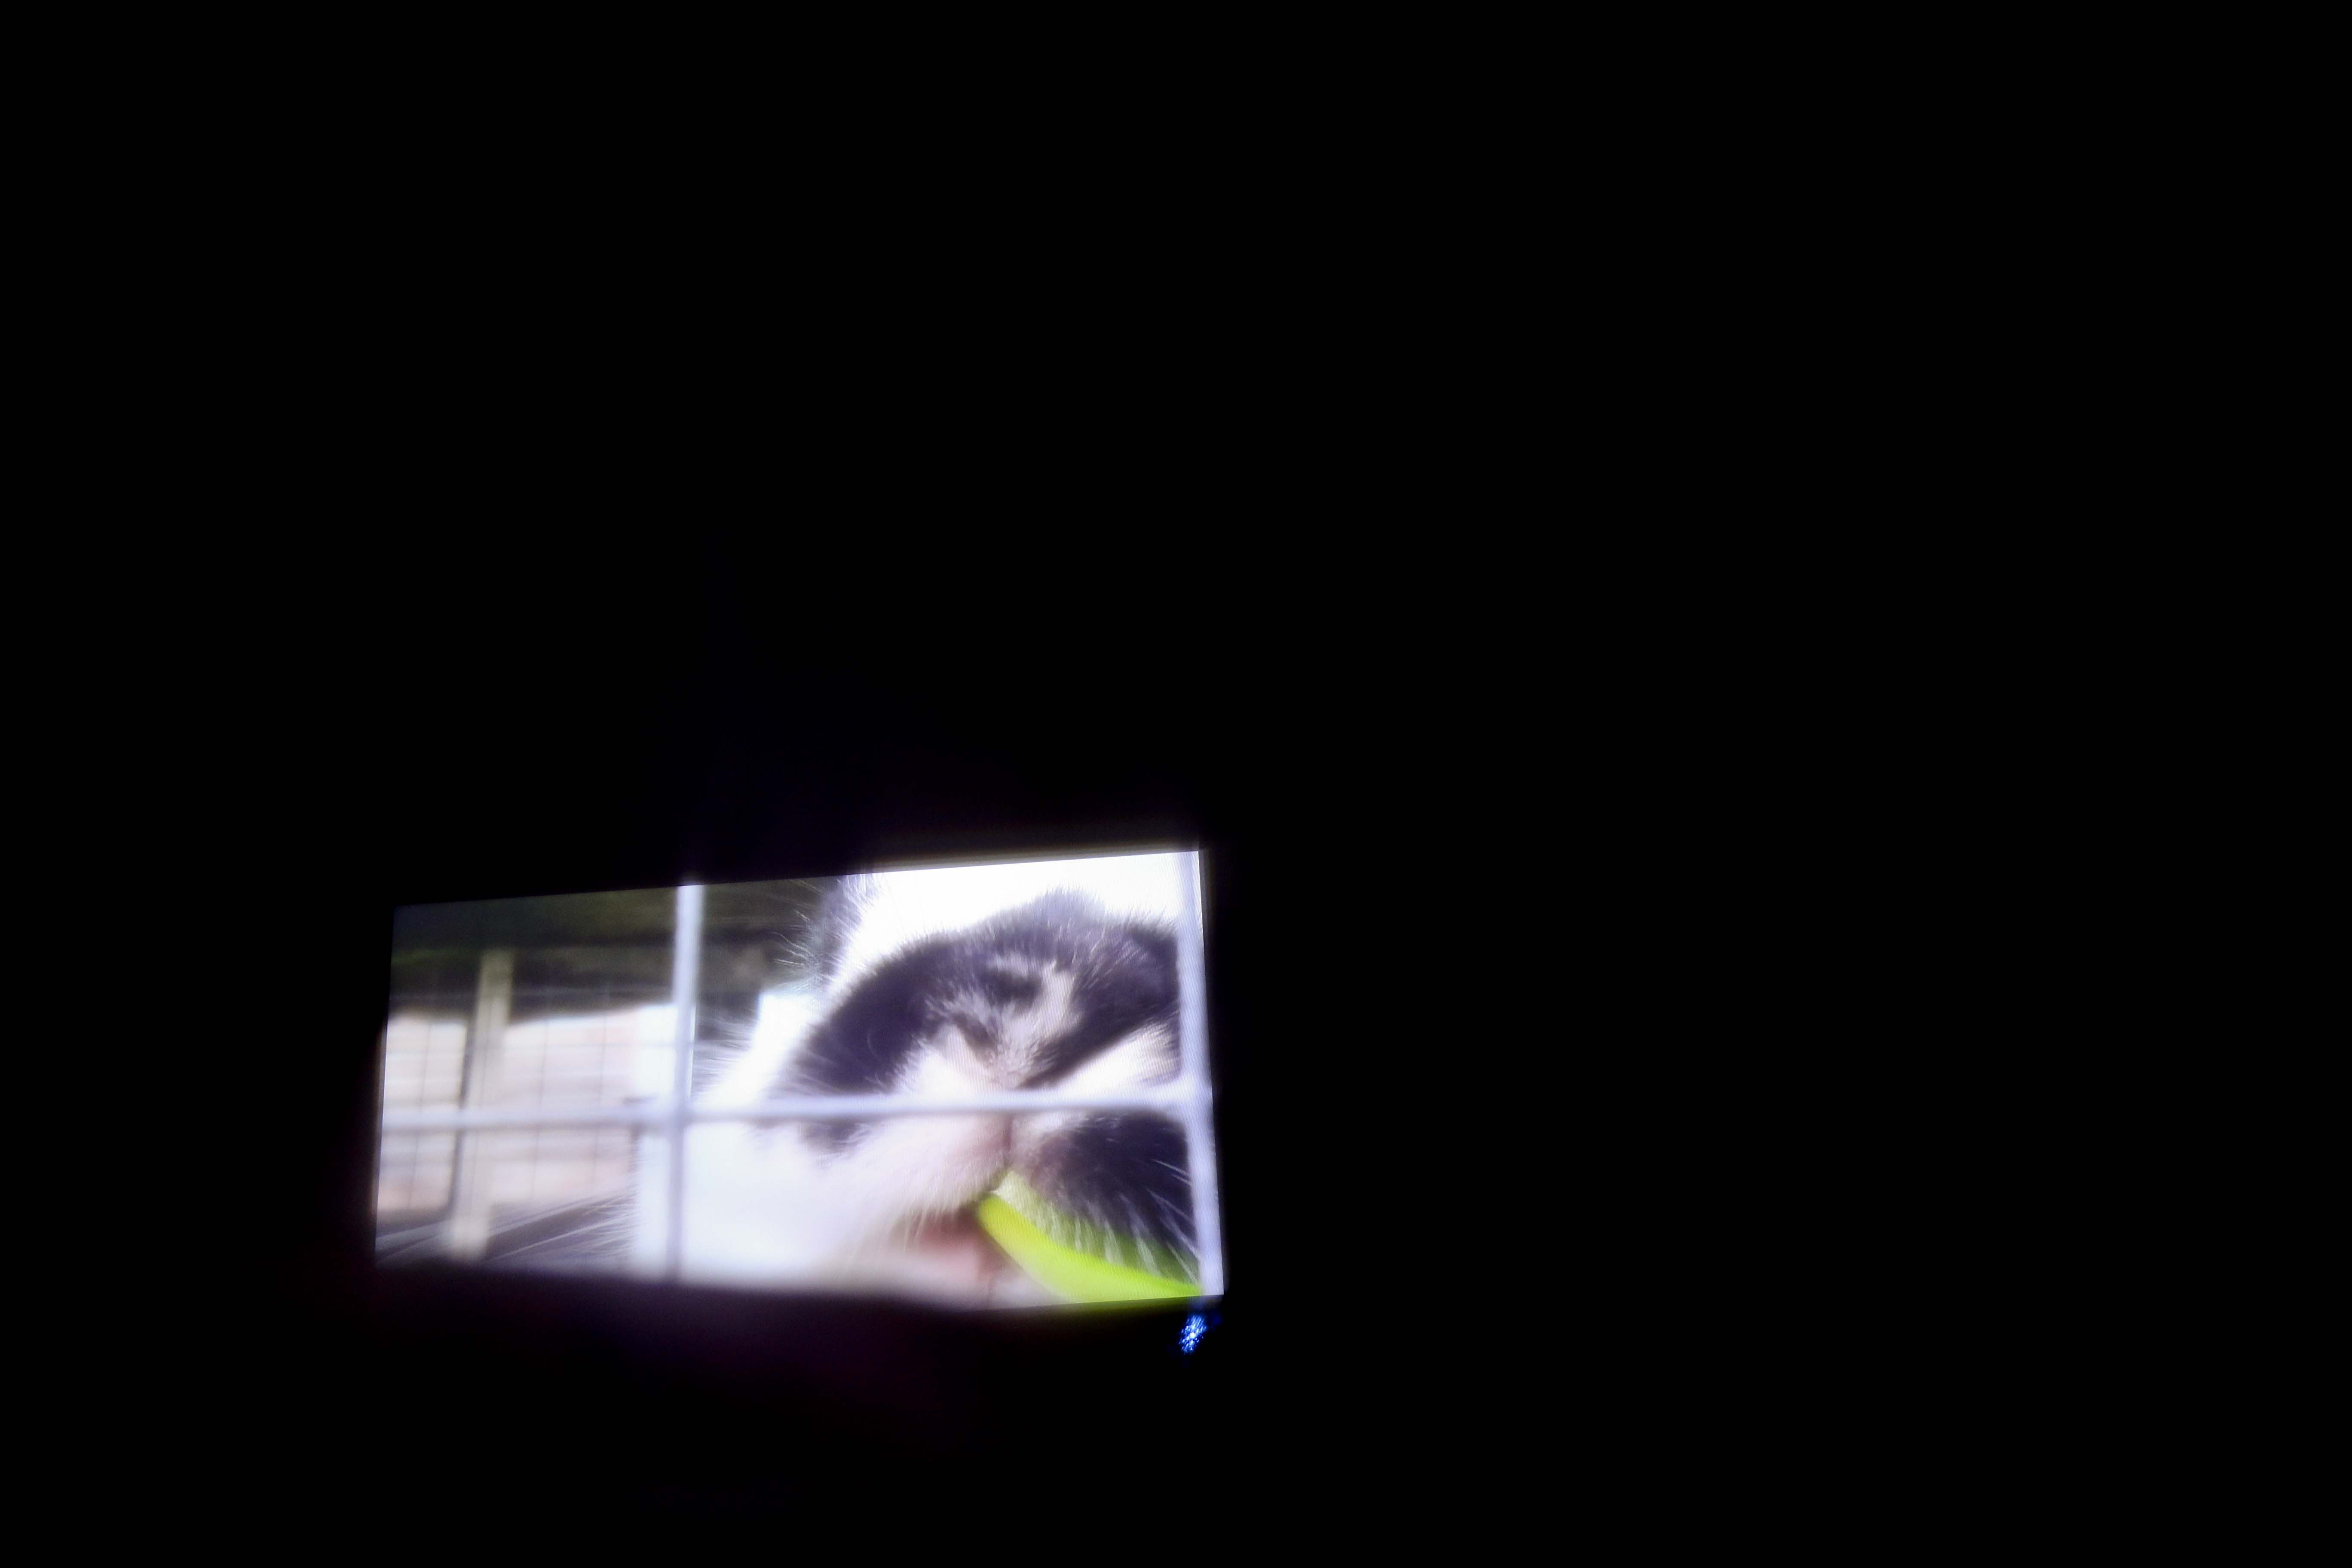 Veiw of video screen from tent